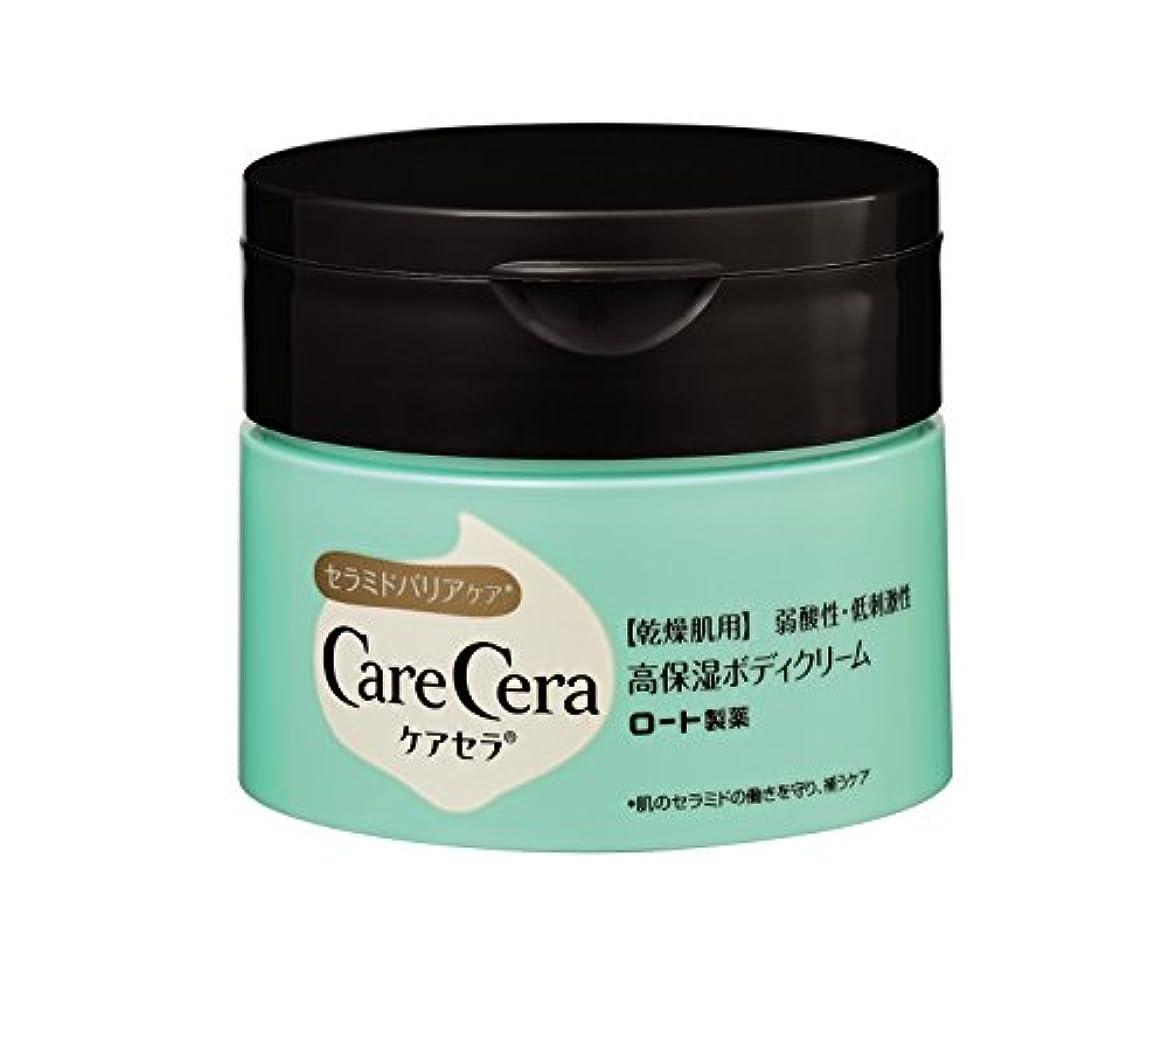 曲げるどっちでもコンピューターを使用するCareCera(ケアセラ) 高保湿 ボディクリーム 100g